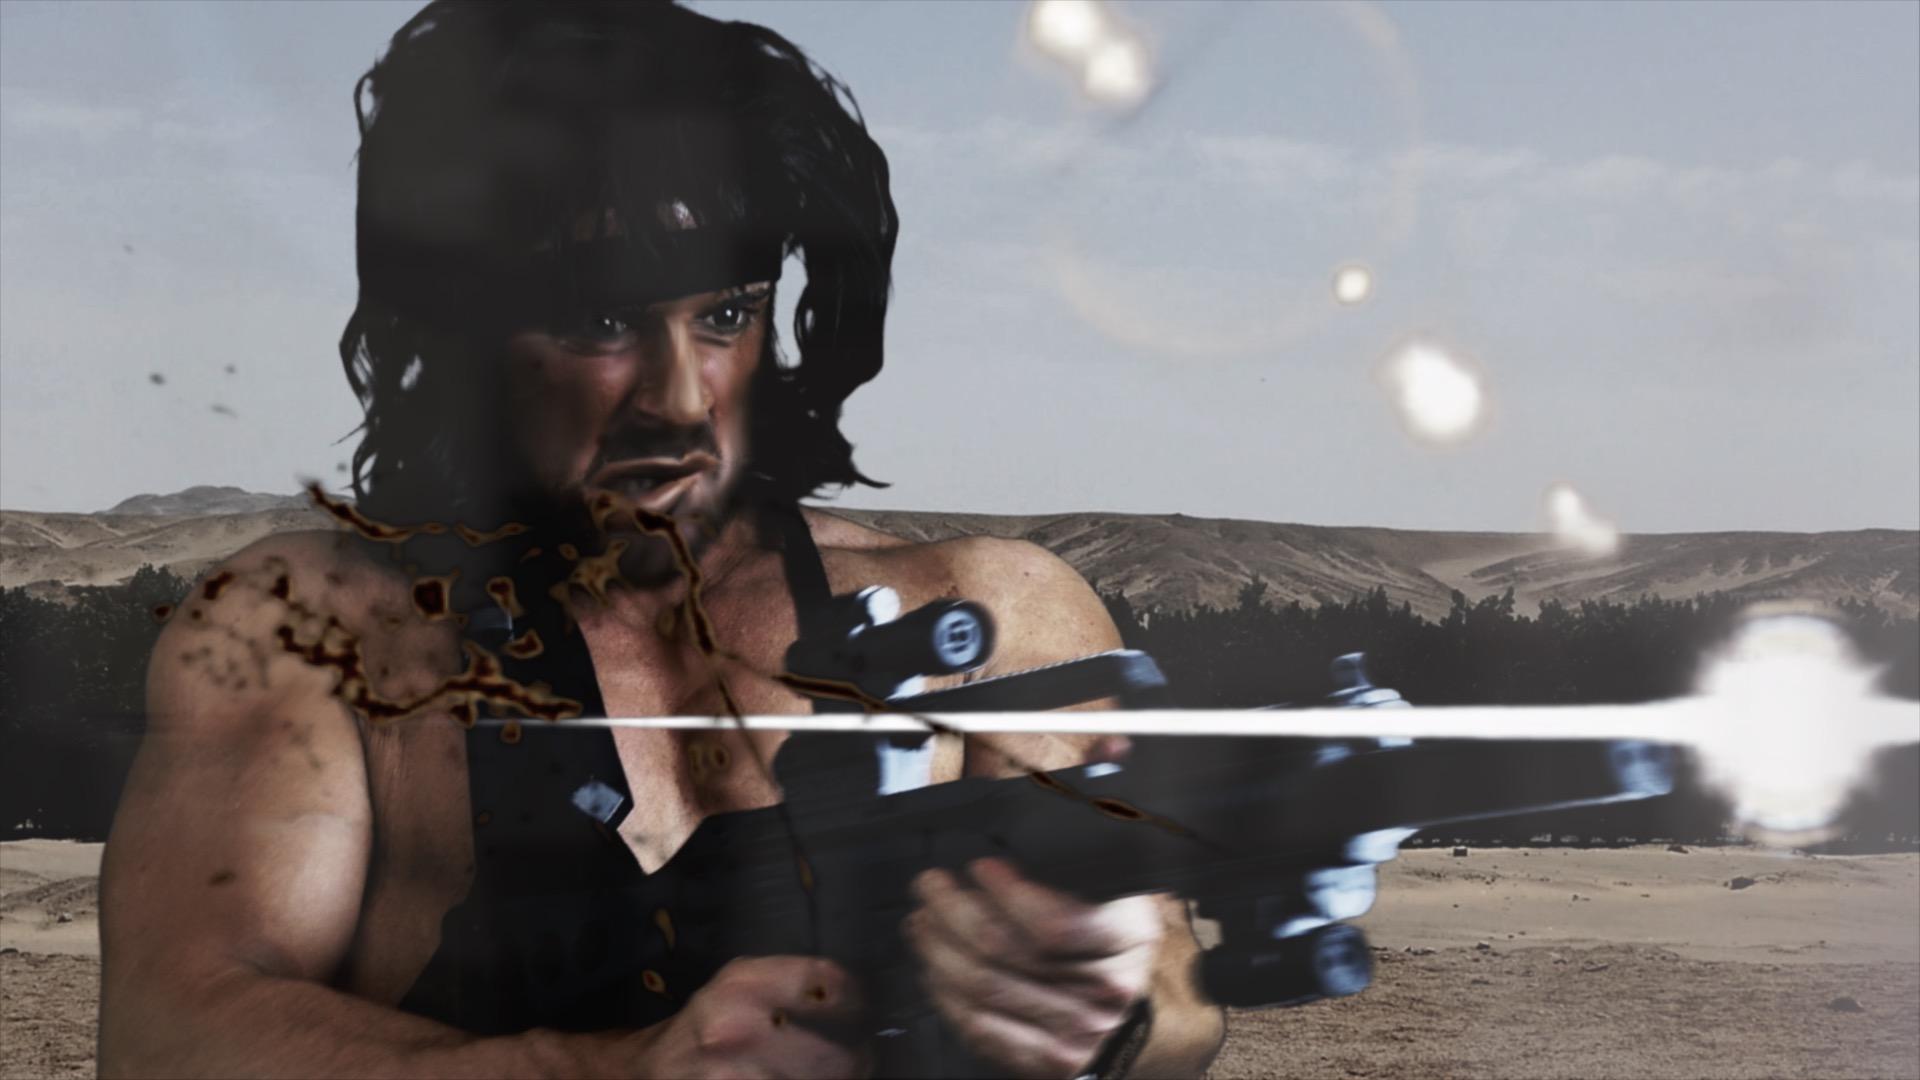 Rambo Machine gun image 1